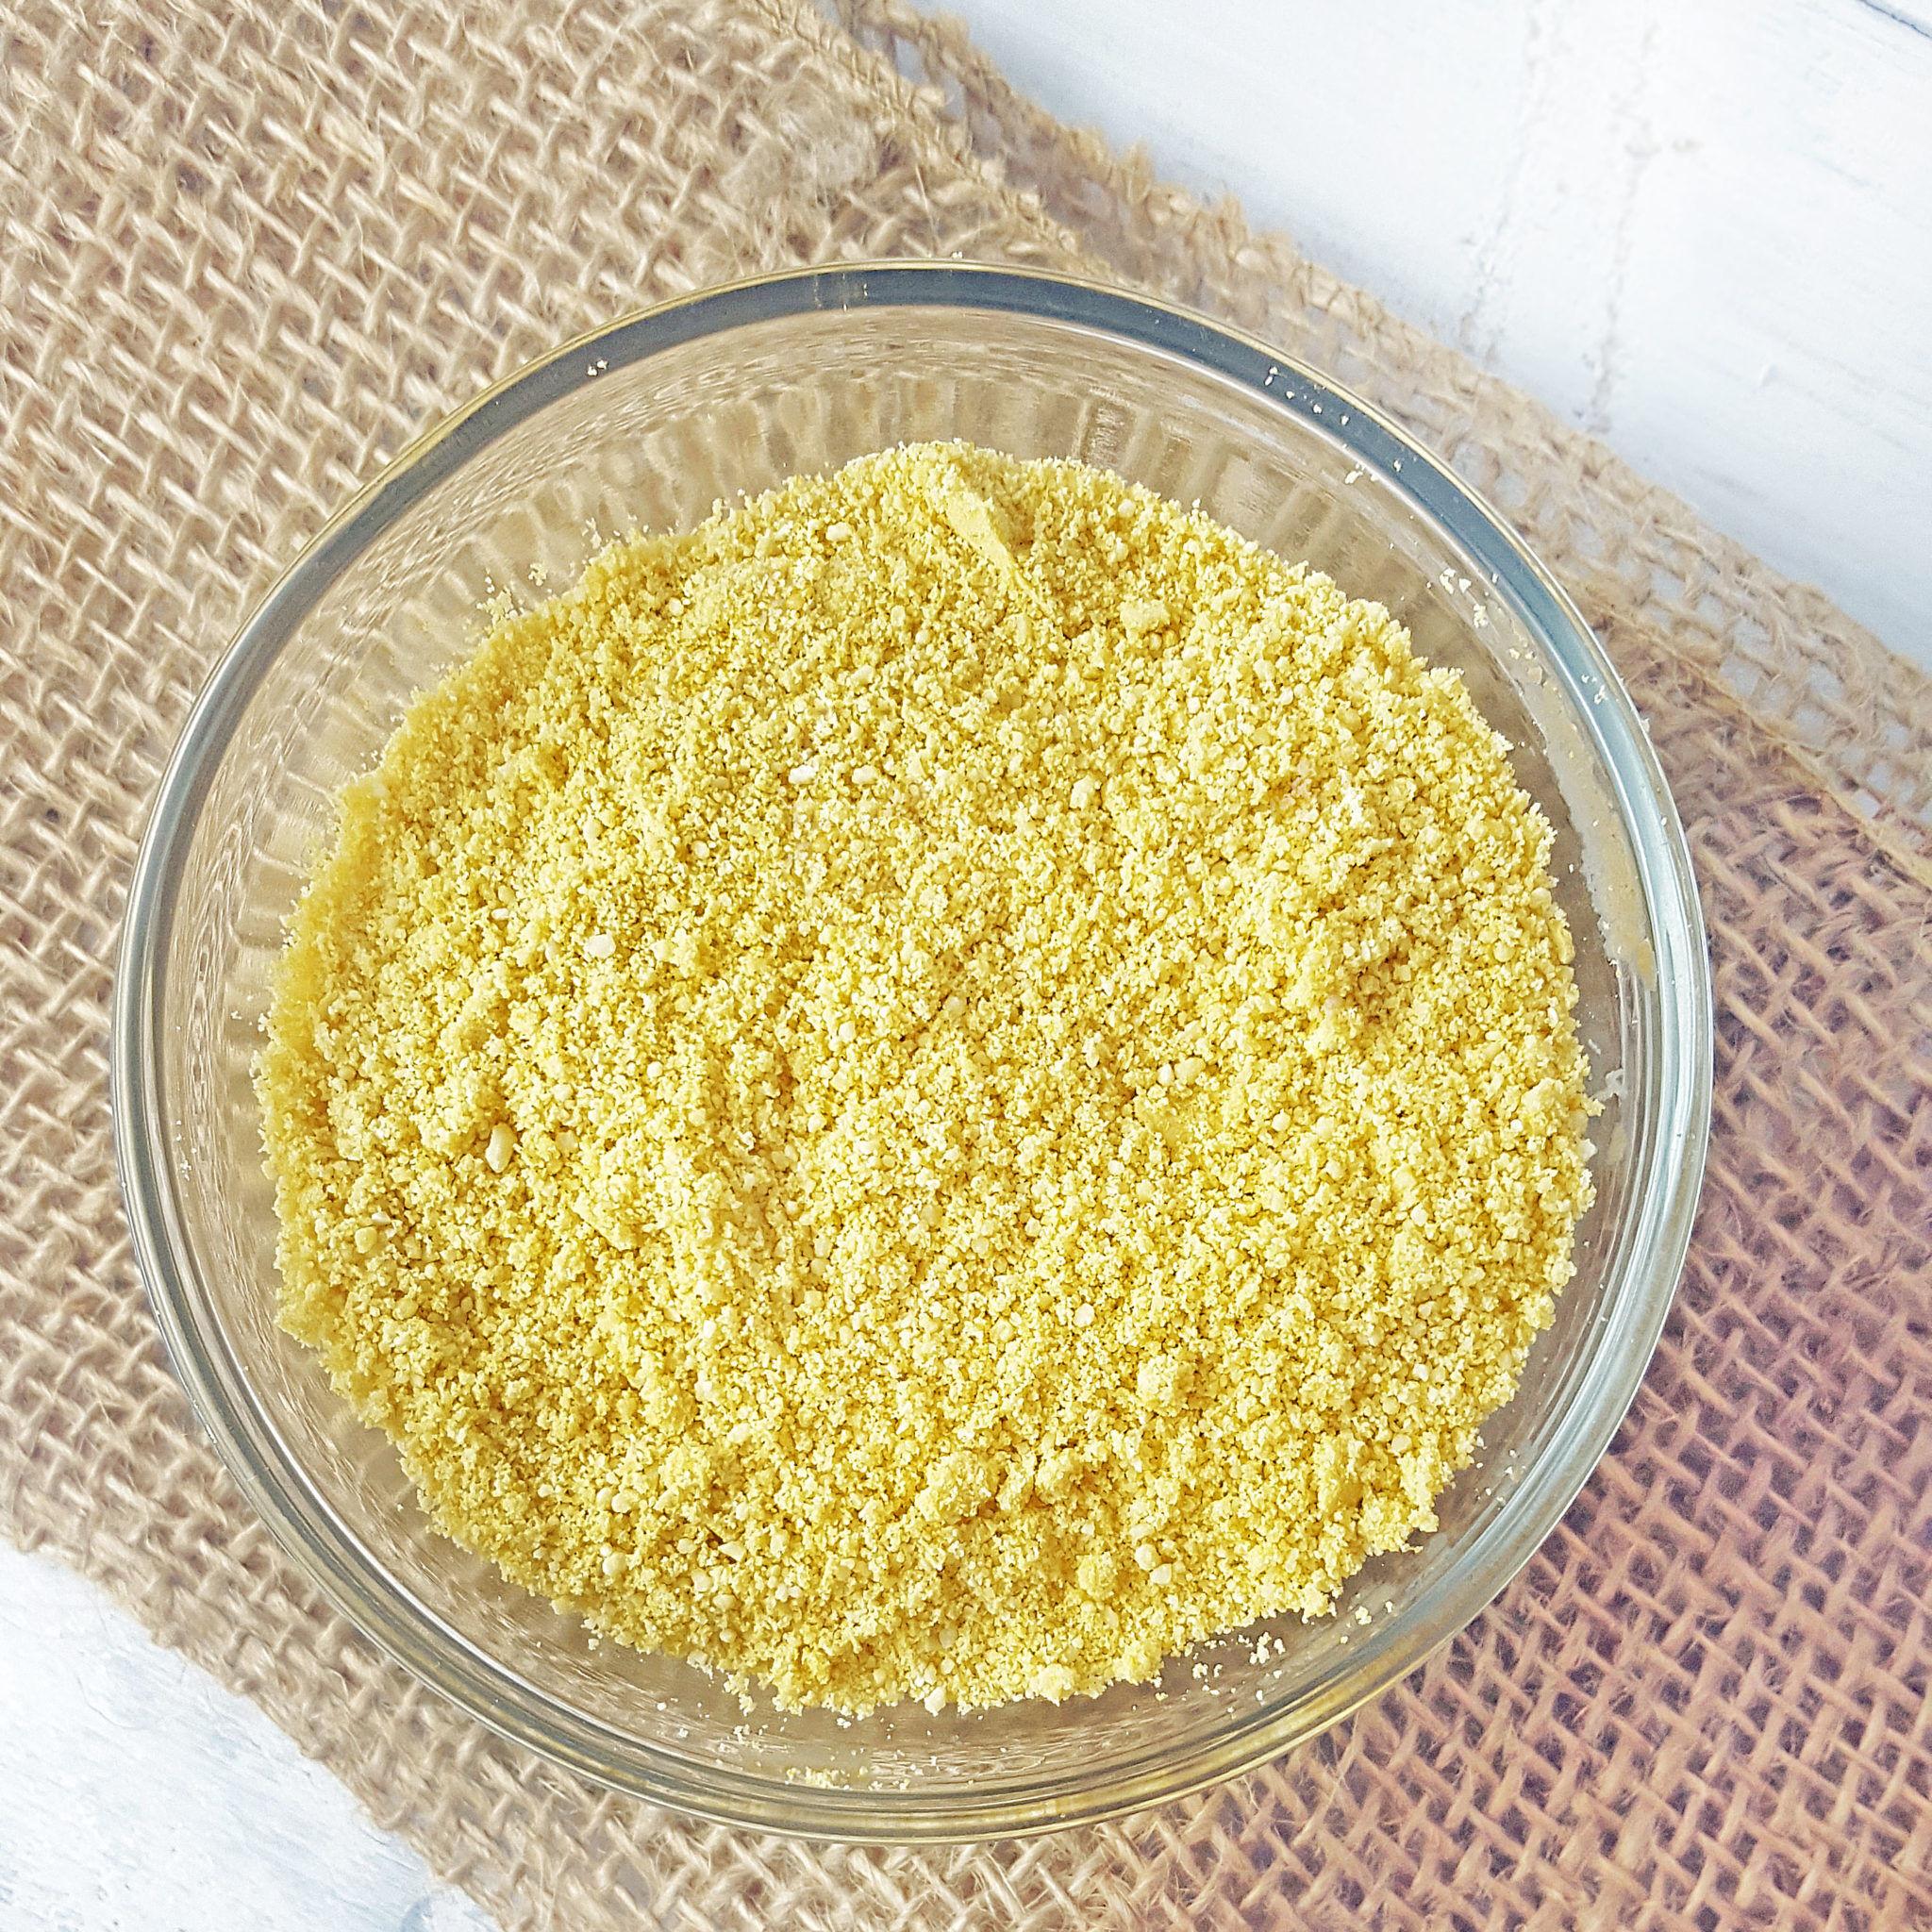 vegan Parmesan Cheese recipe (3 ingredients!)